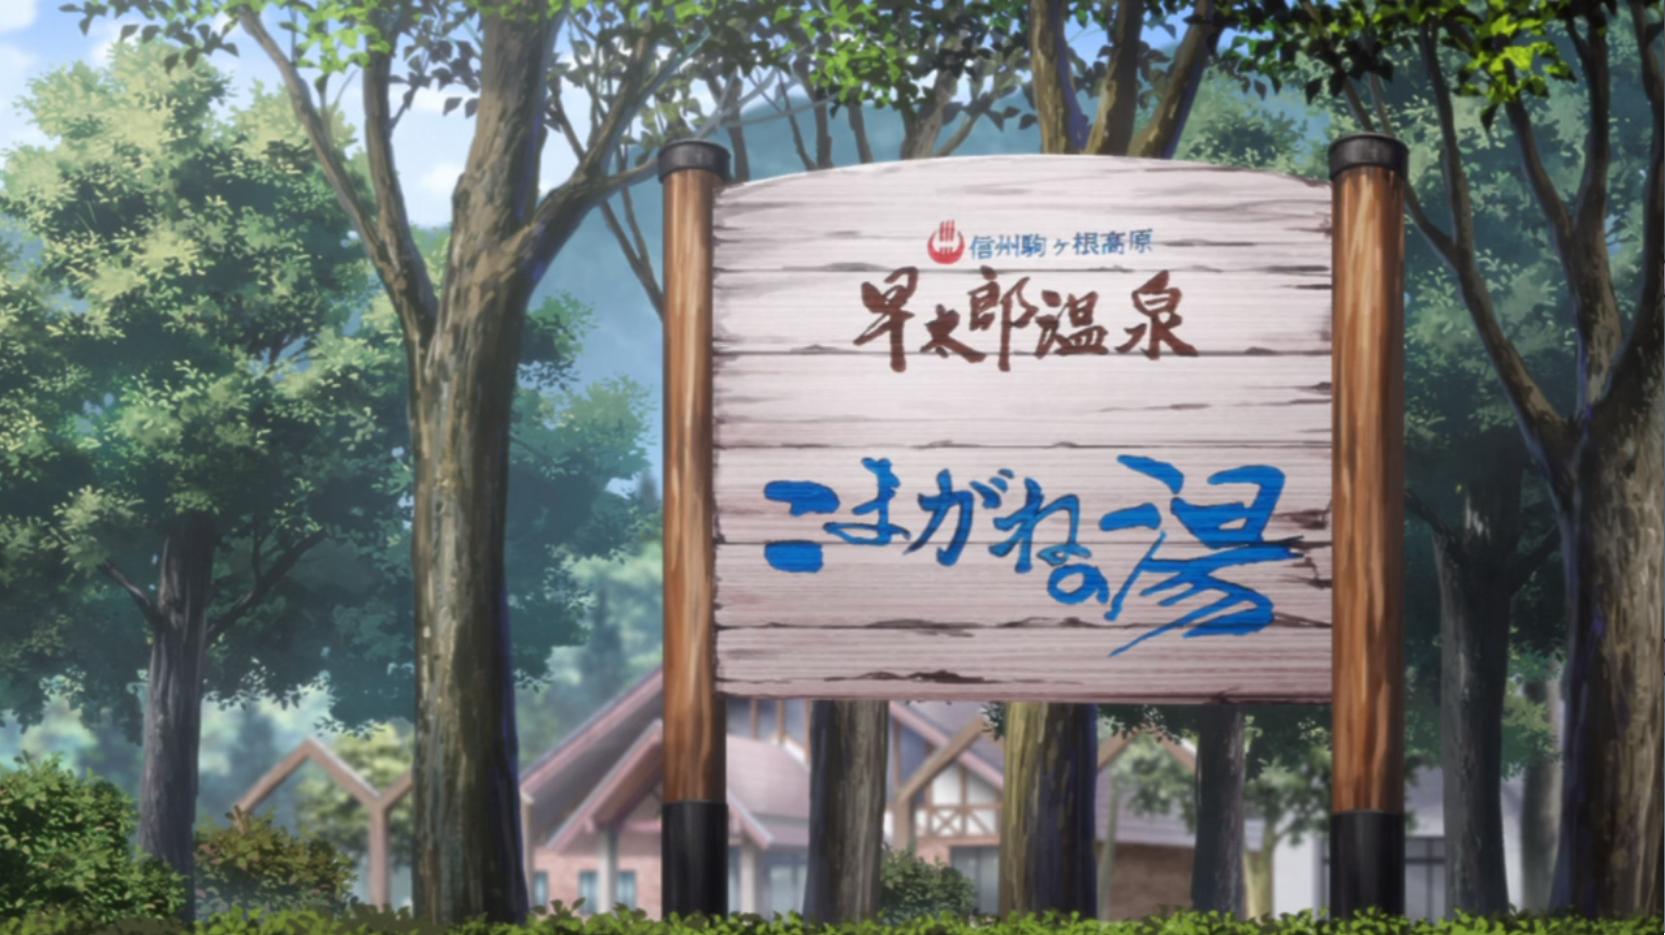 アニメ『ゆるキャン△』9話のこまがねの湯((こまくさの湯)